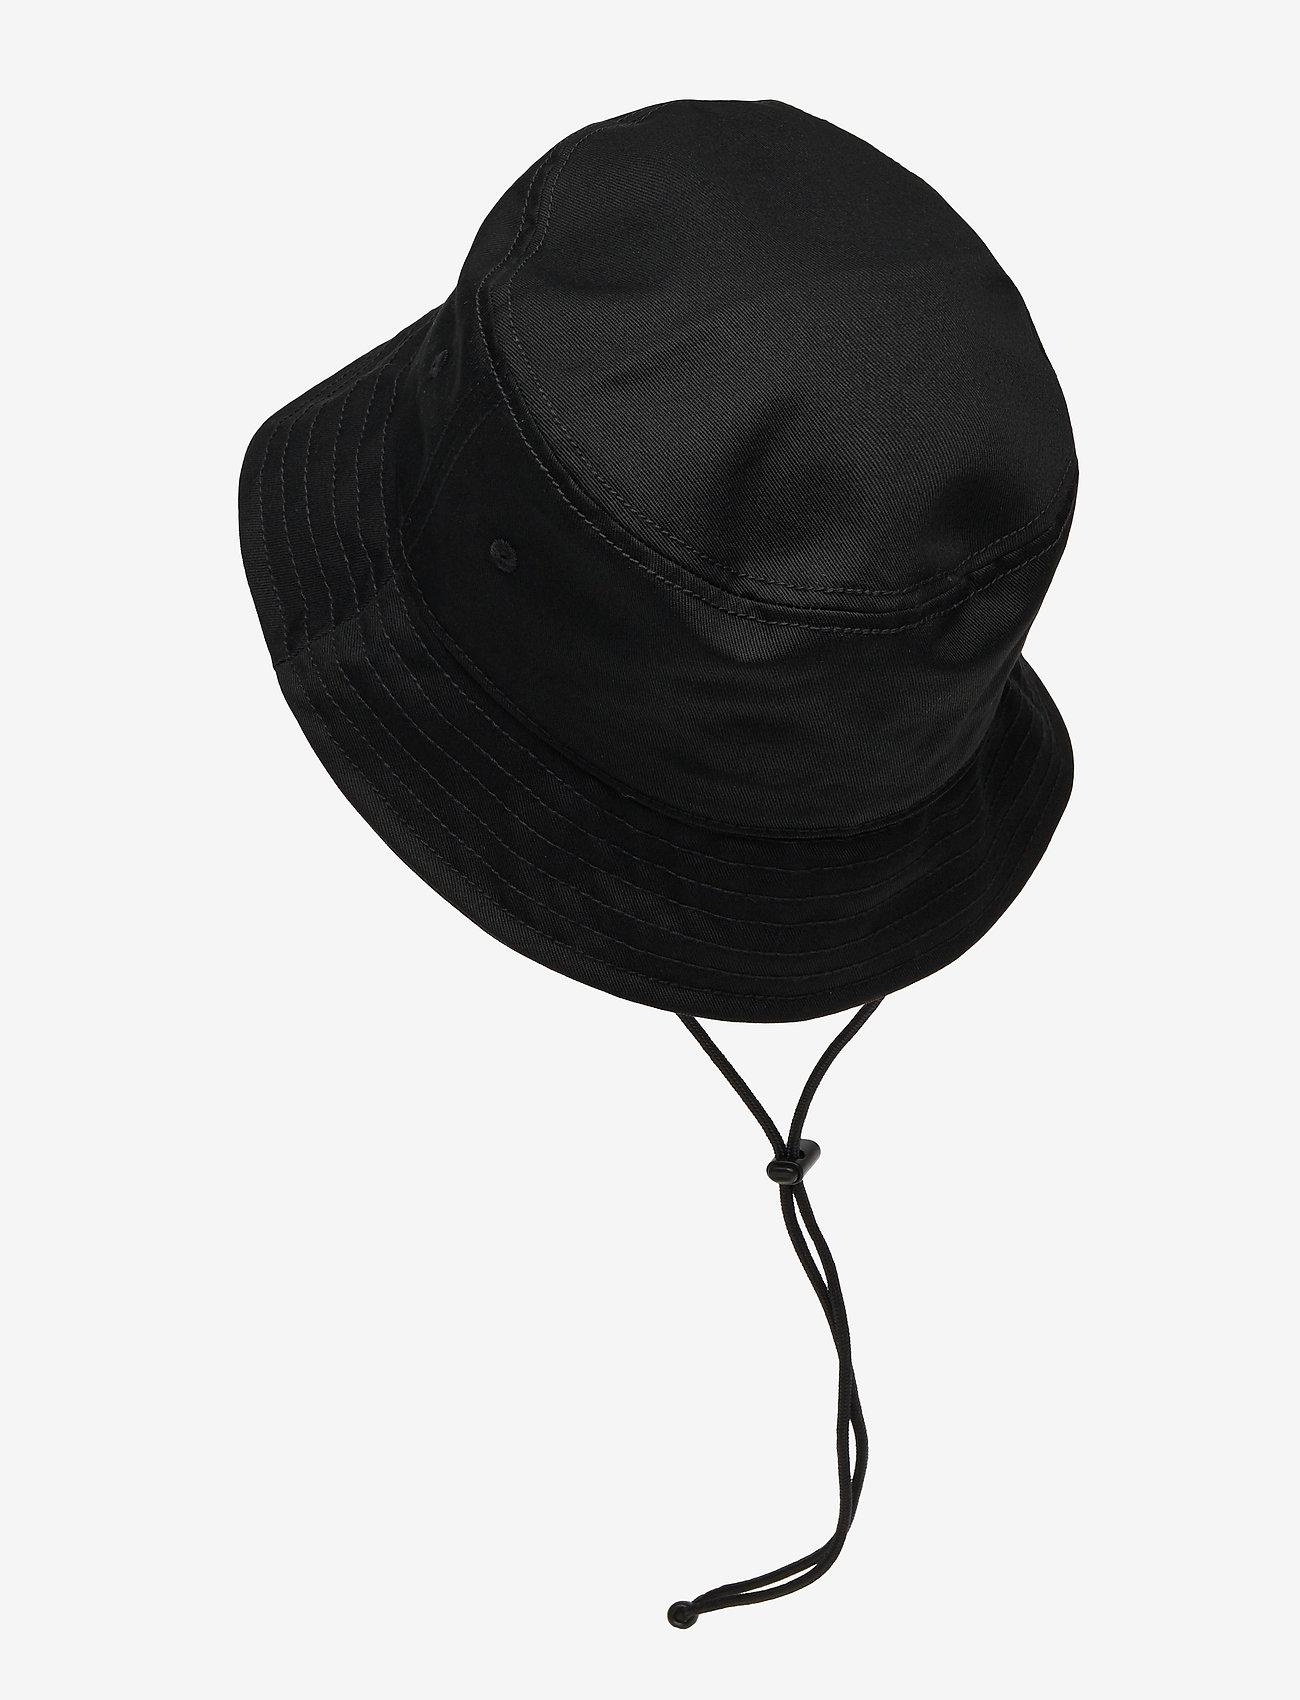 Dickies - CLARKS GROVE - bucket hats - black - 1